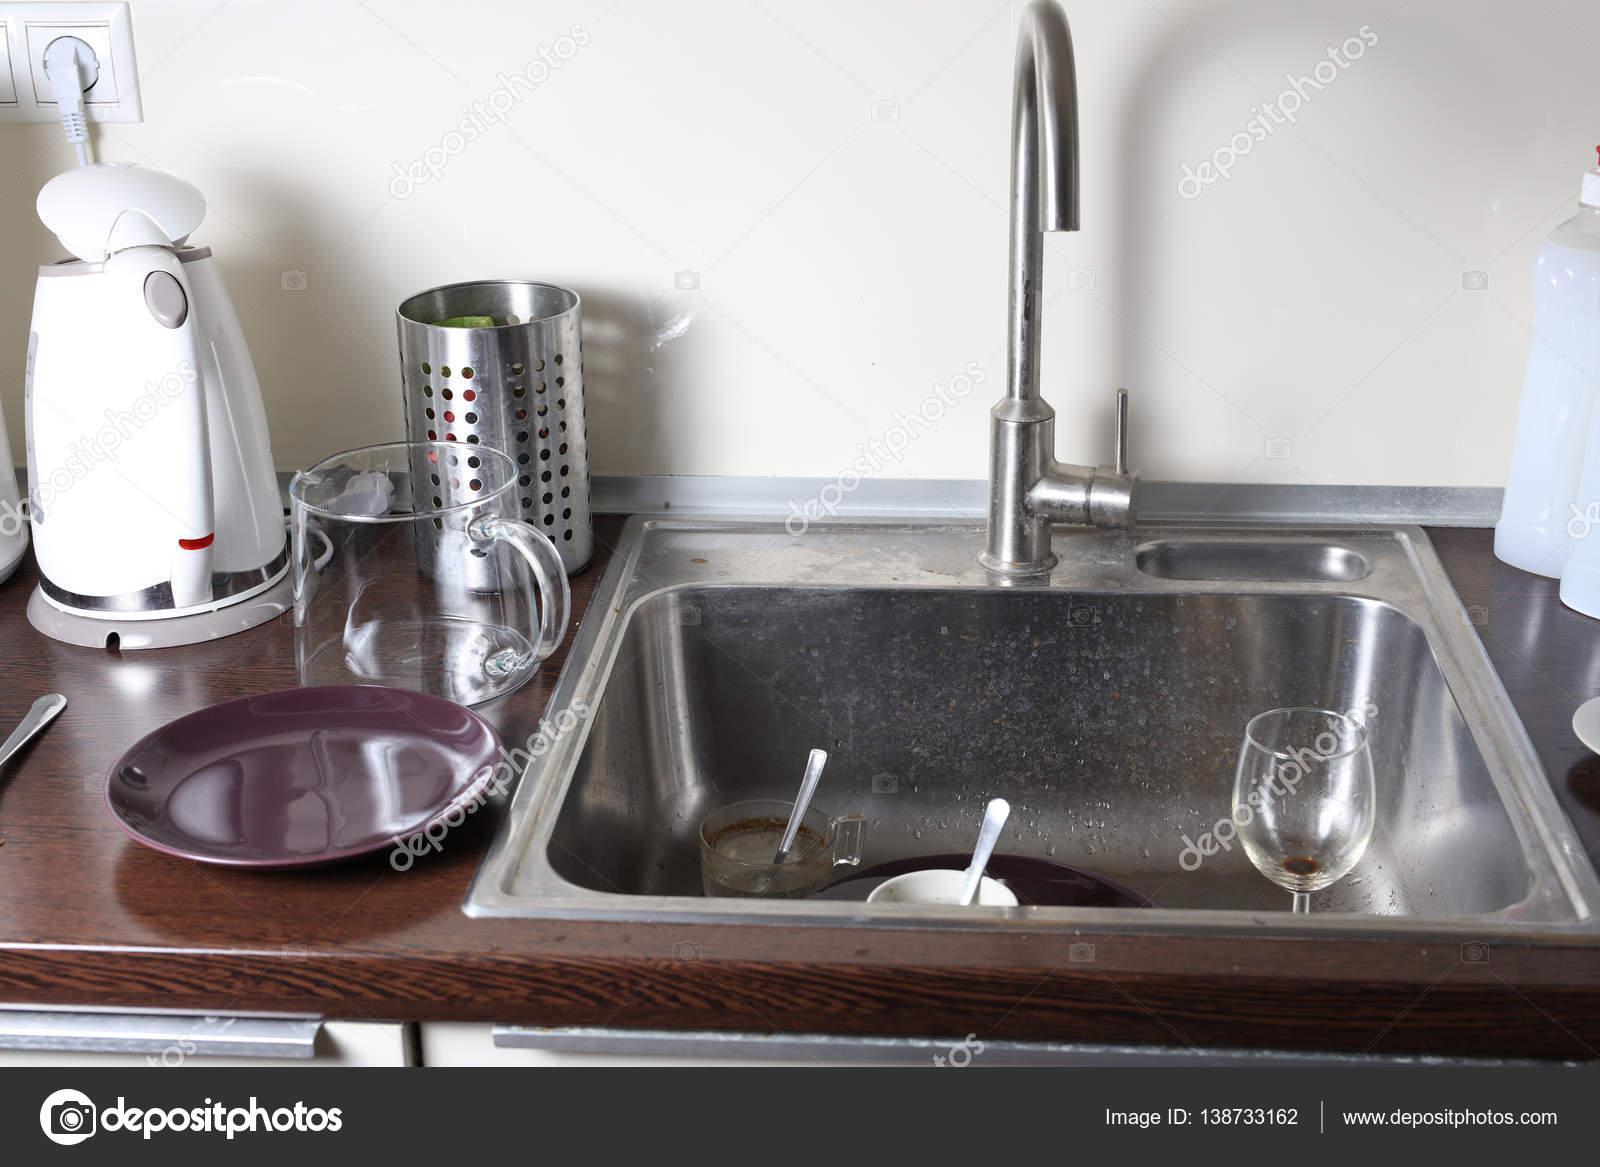 Schmutziges Geschirr in einer Küchenspüle — Stockfoto ...